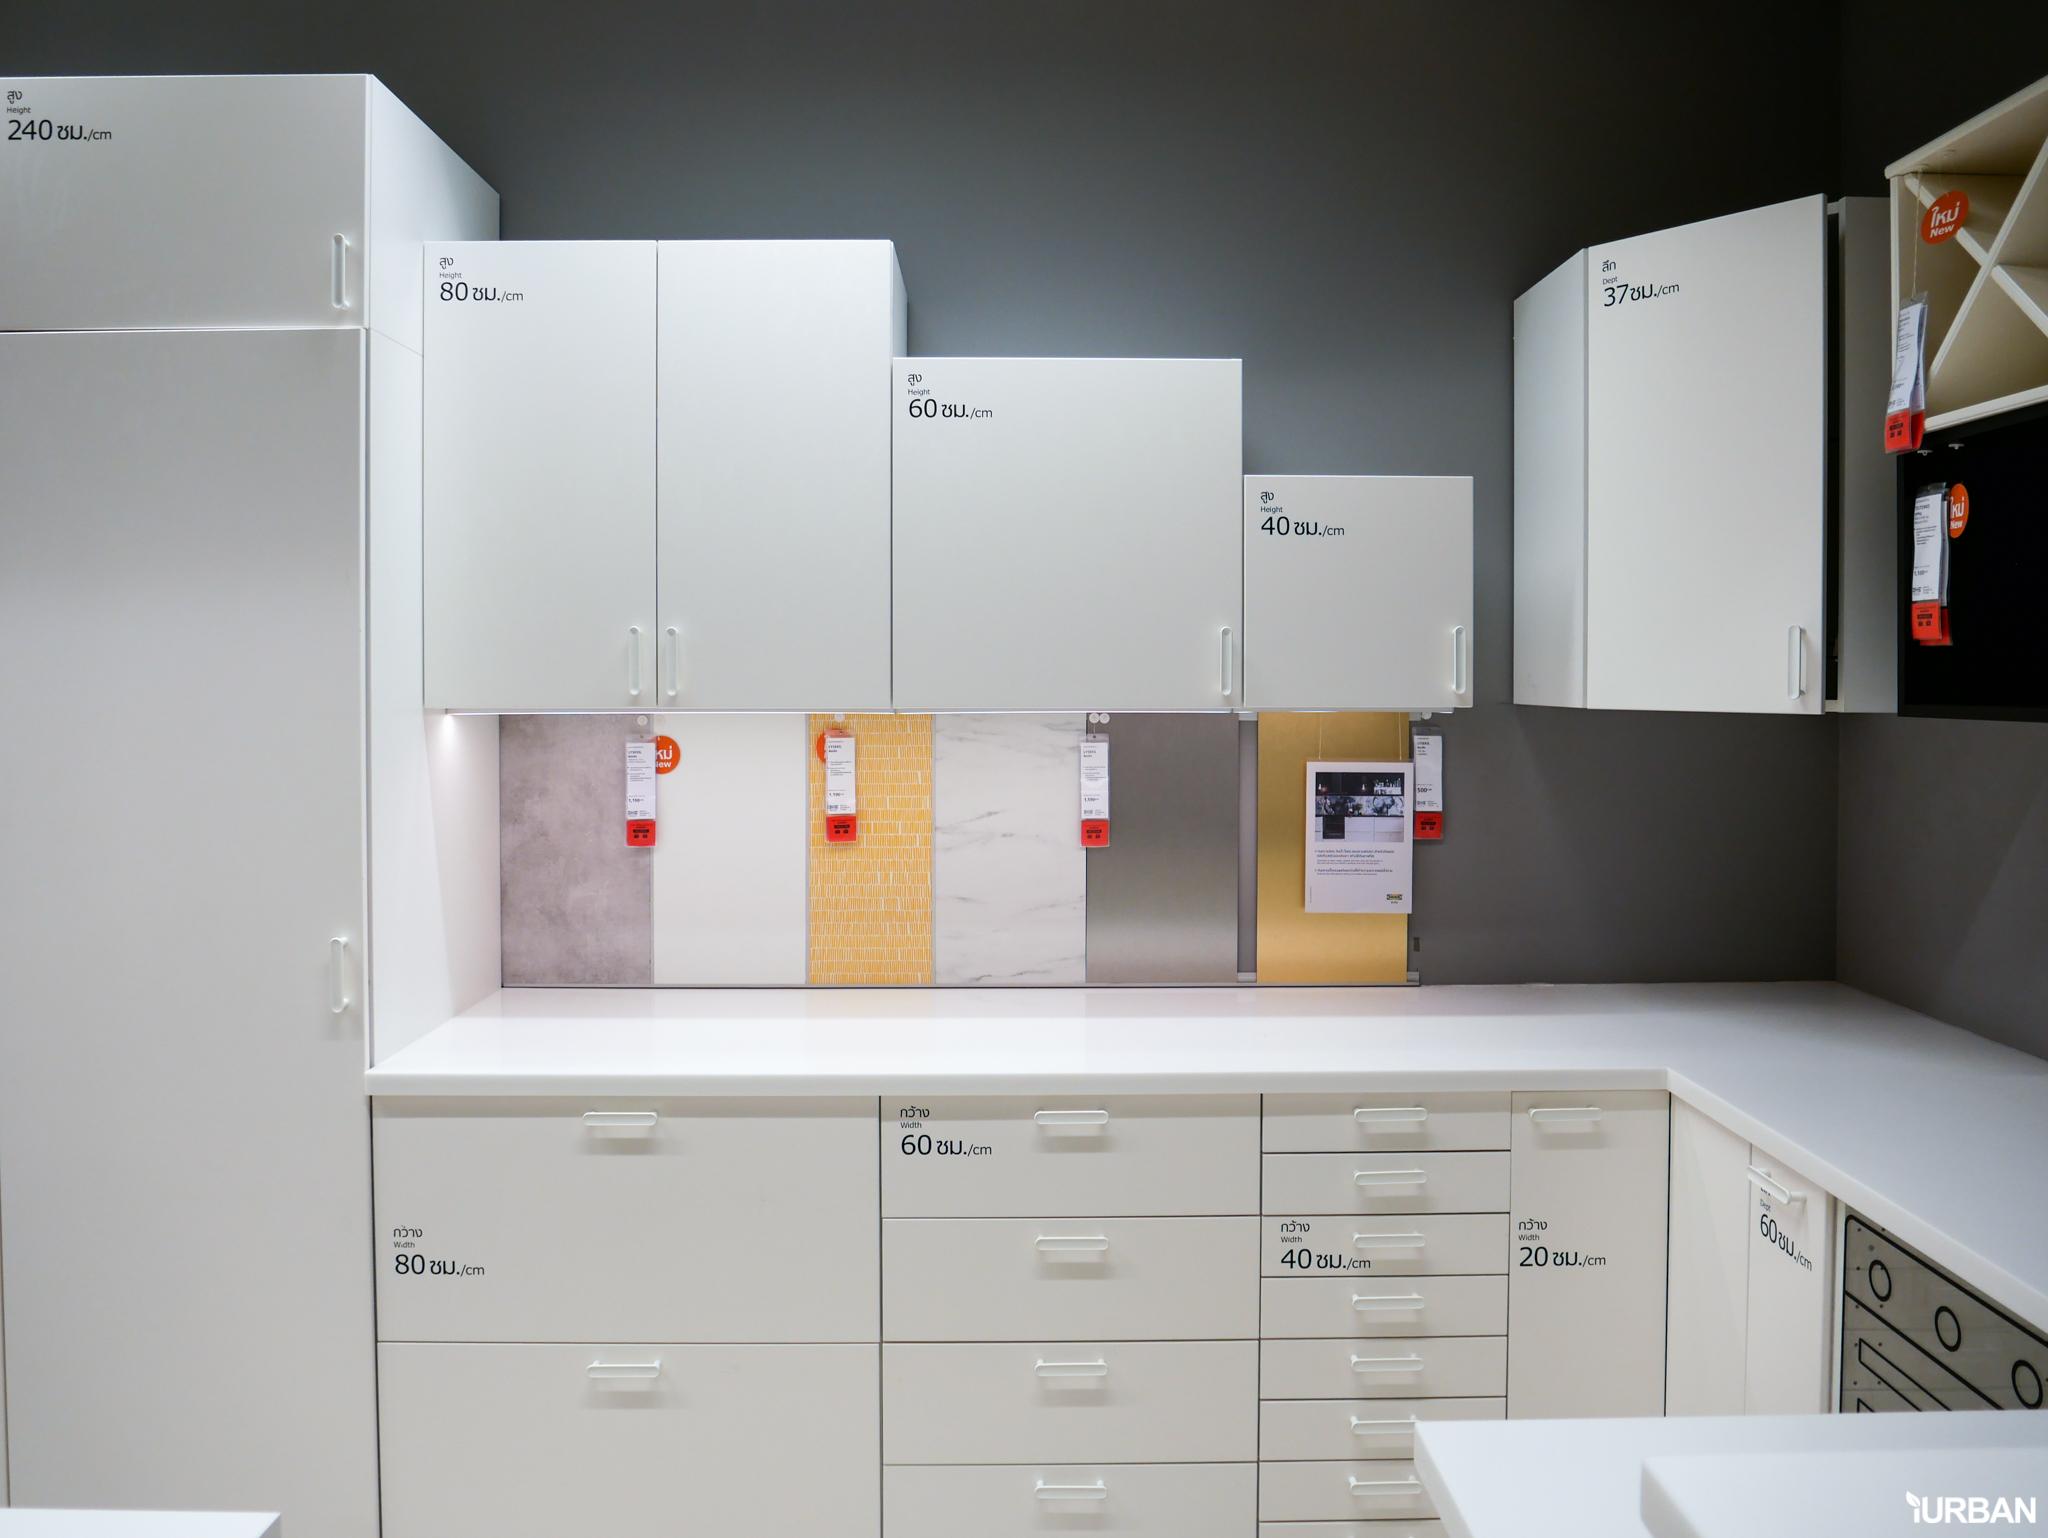 9 เหตุผลที่คนเลือกชุดครัวอิเกีย และโอกาสที่จะมีครัวในฝัน IKEA METOD/เมท็อด โปรนี้ดีที่สุดแล้ว #ถึง17มีนา 78 - IKEA (อิเกีย)